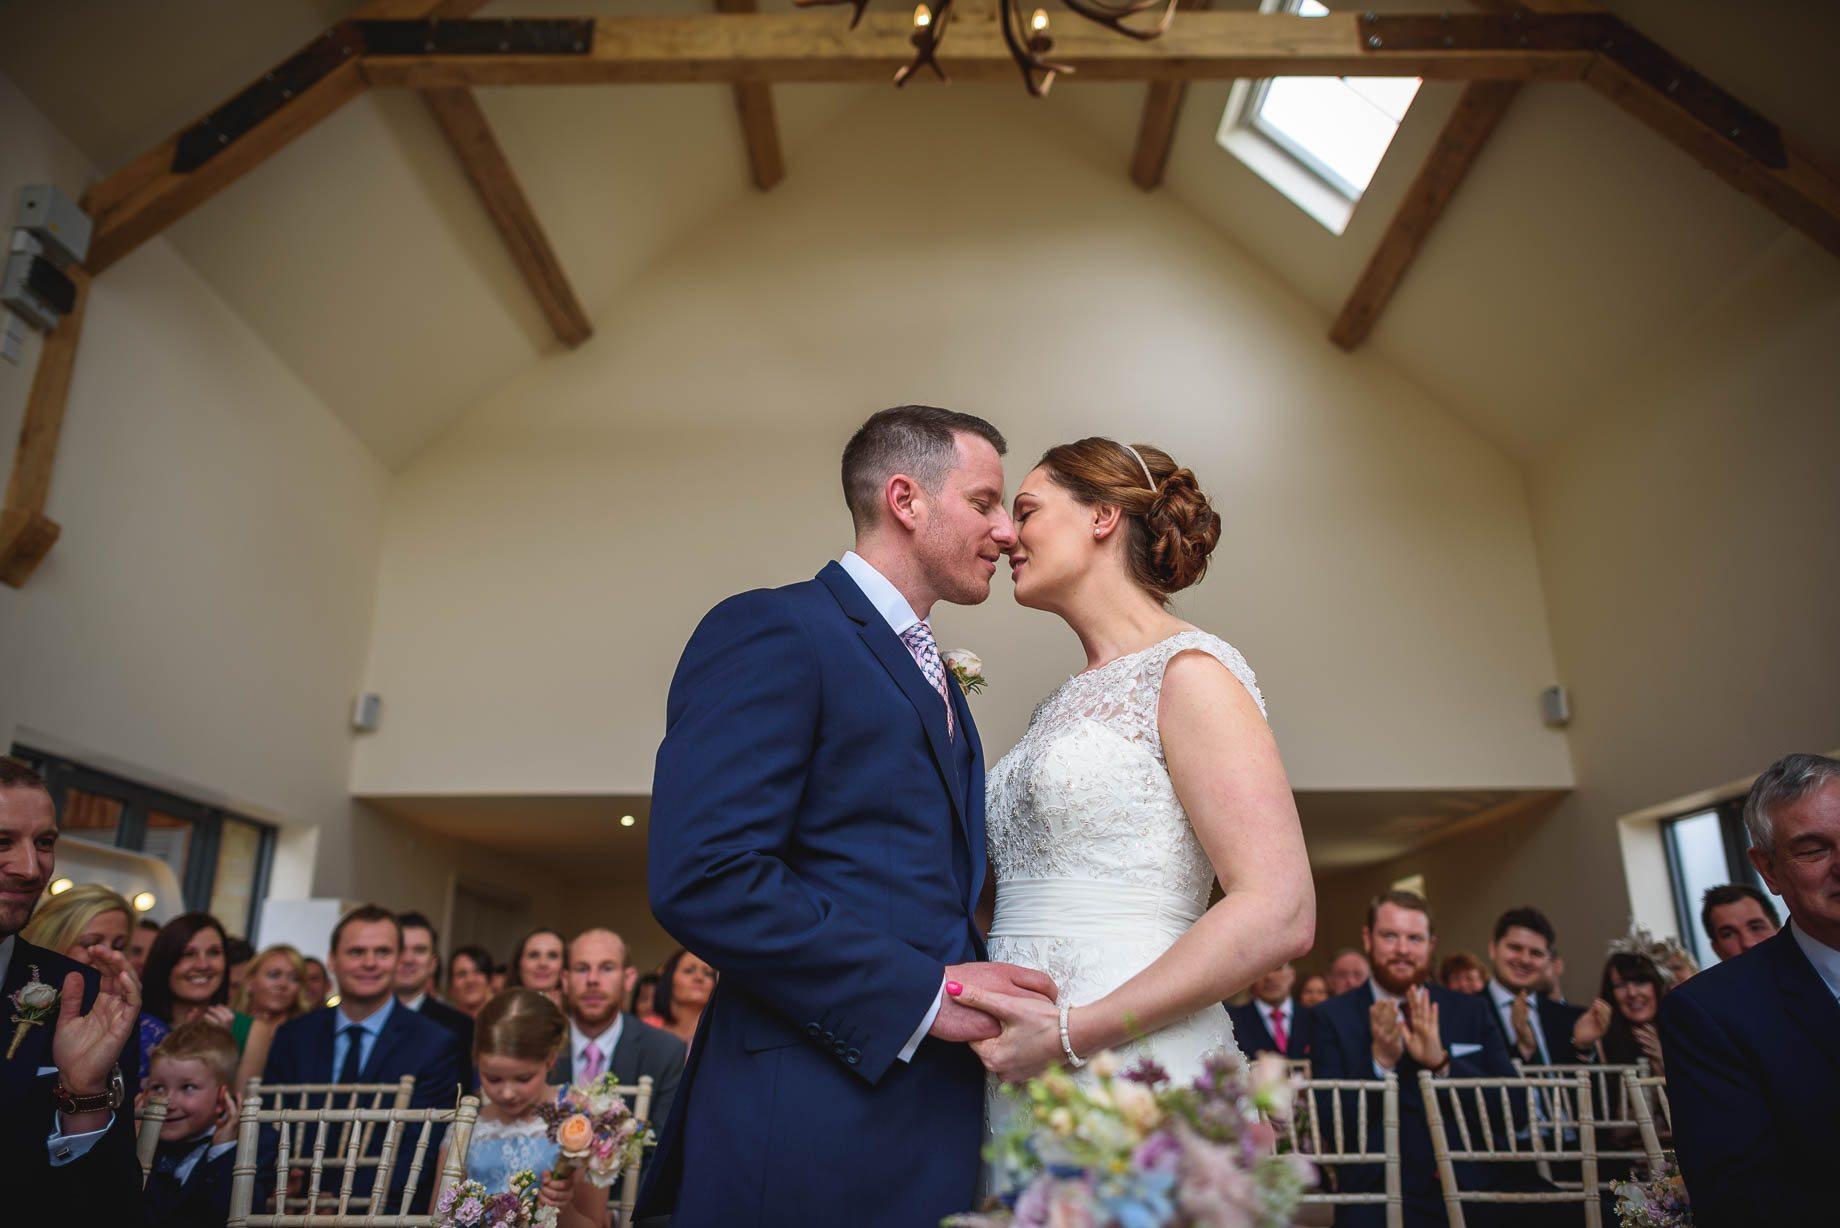 Millbridge Court Wedding Photography - Lisa and Daniel (62 of 173)